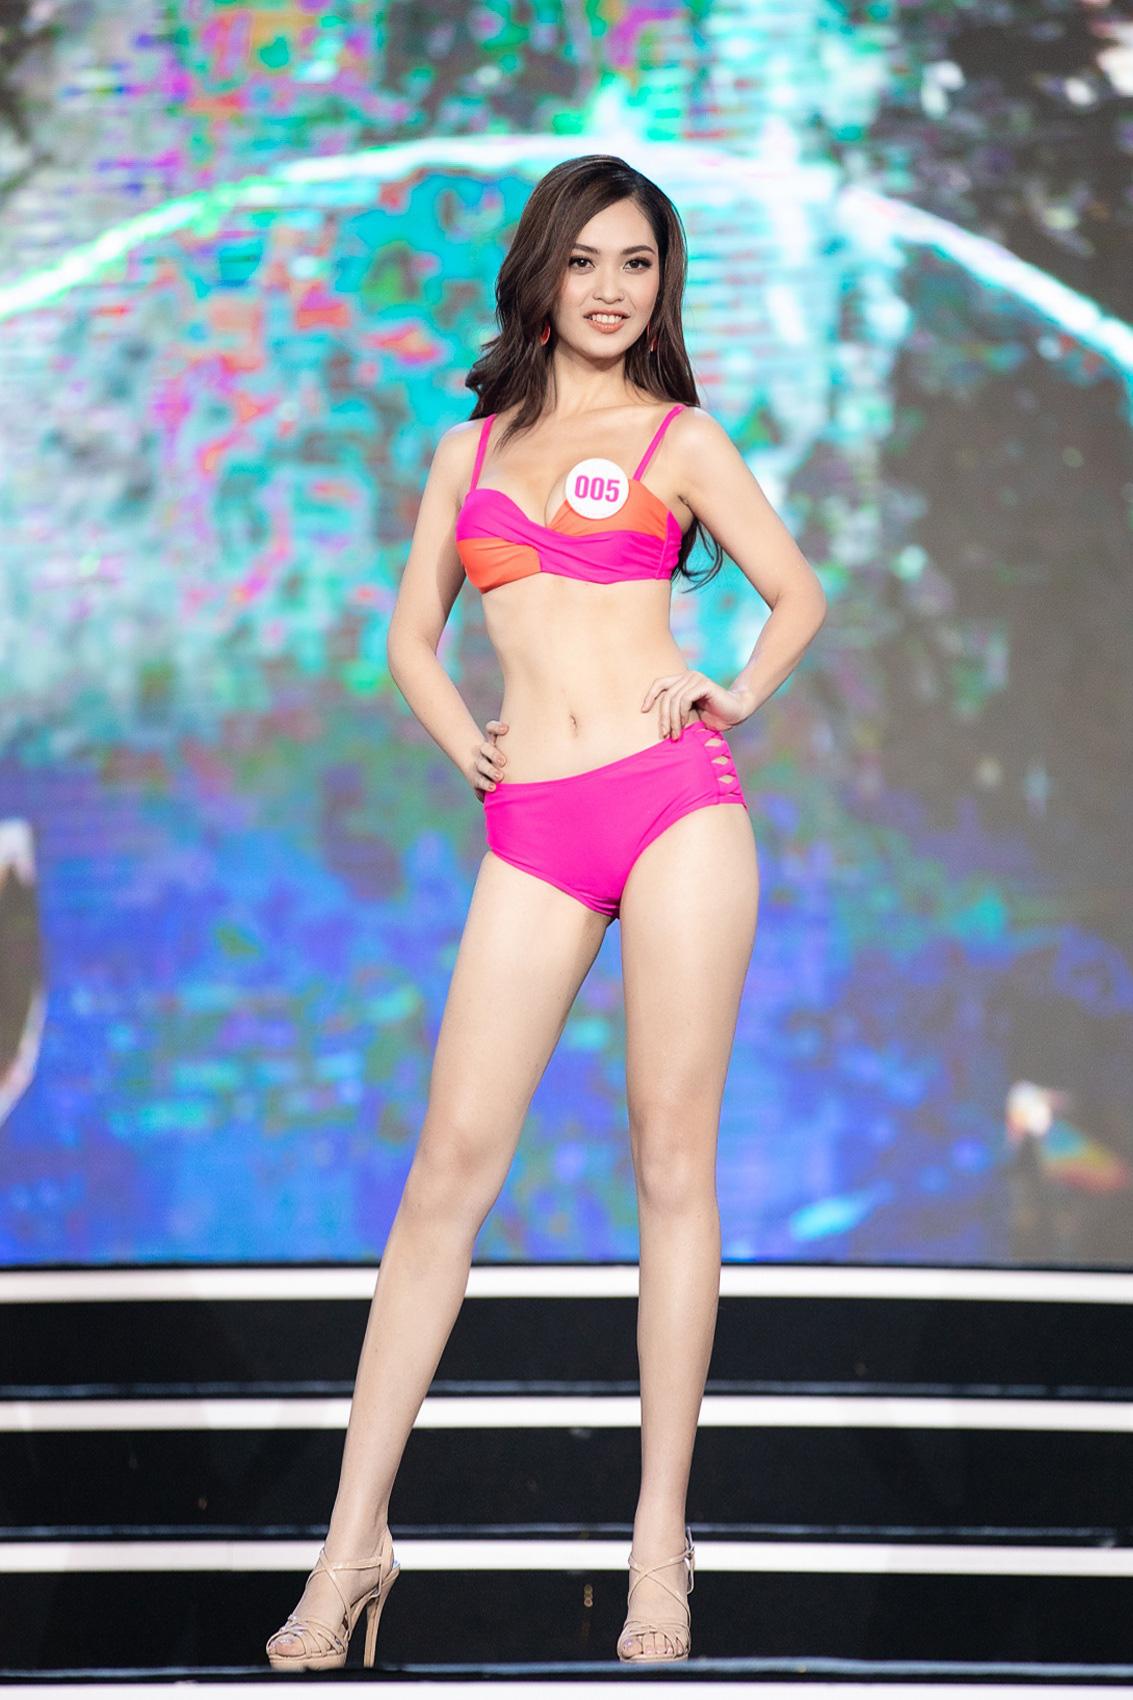 """Top 40 mặc bikini quyến rũ """"bỏng rẫy"""" gây """"sốt"""" tại Bán kết Hoa hậu Việt Nam 2020  - Ảnh 5."""